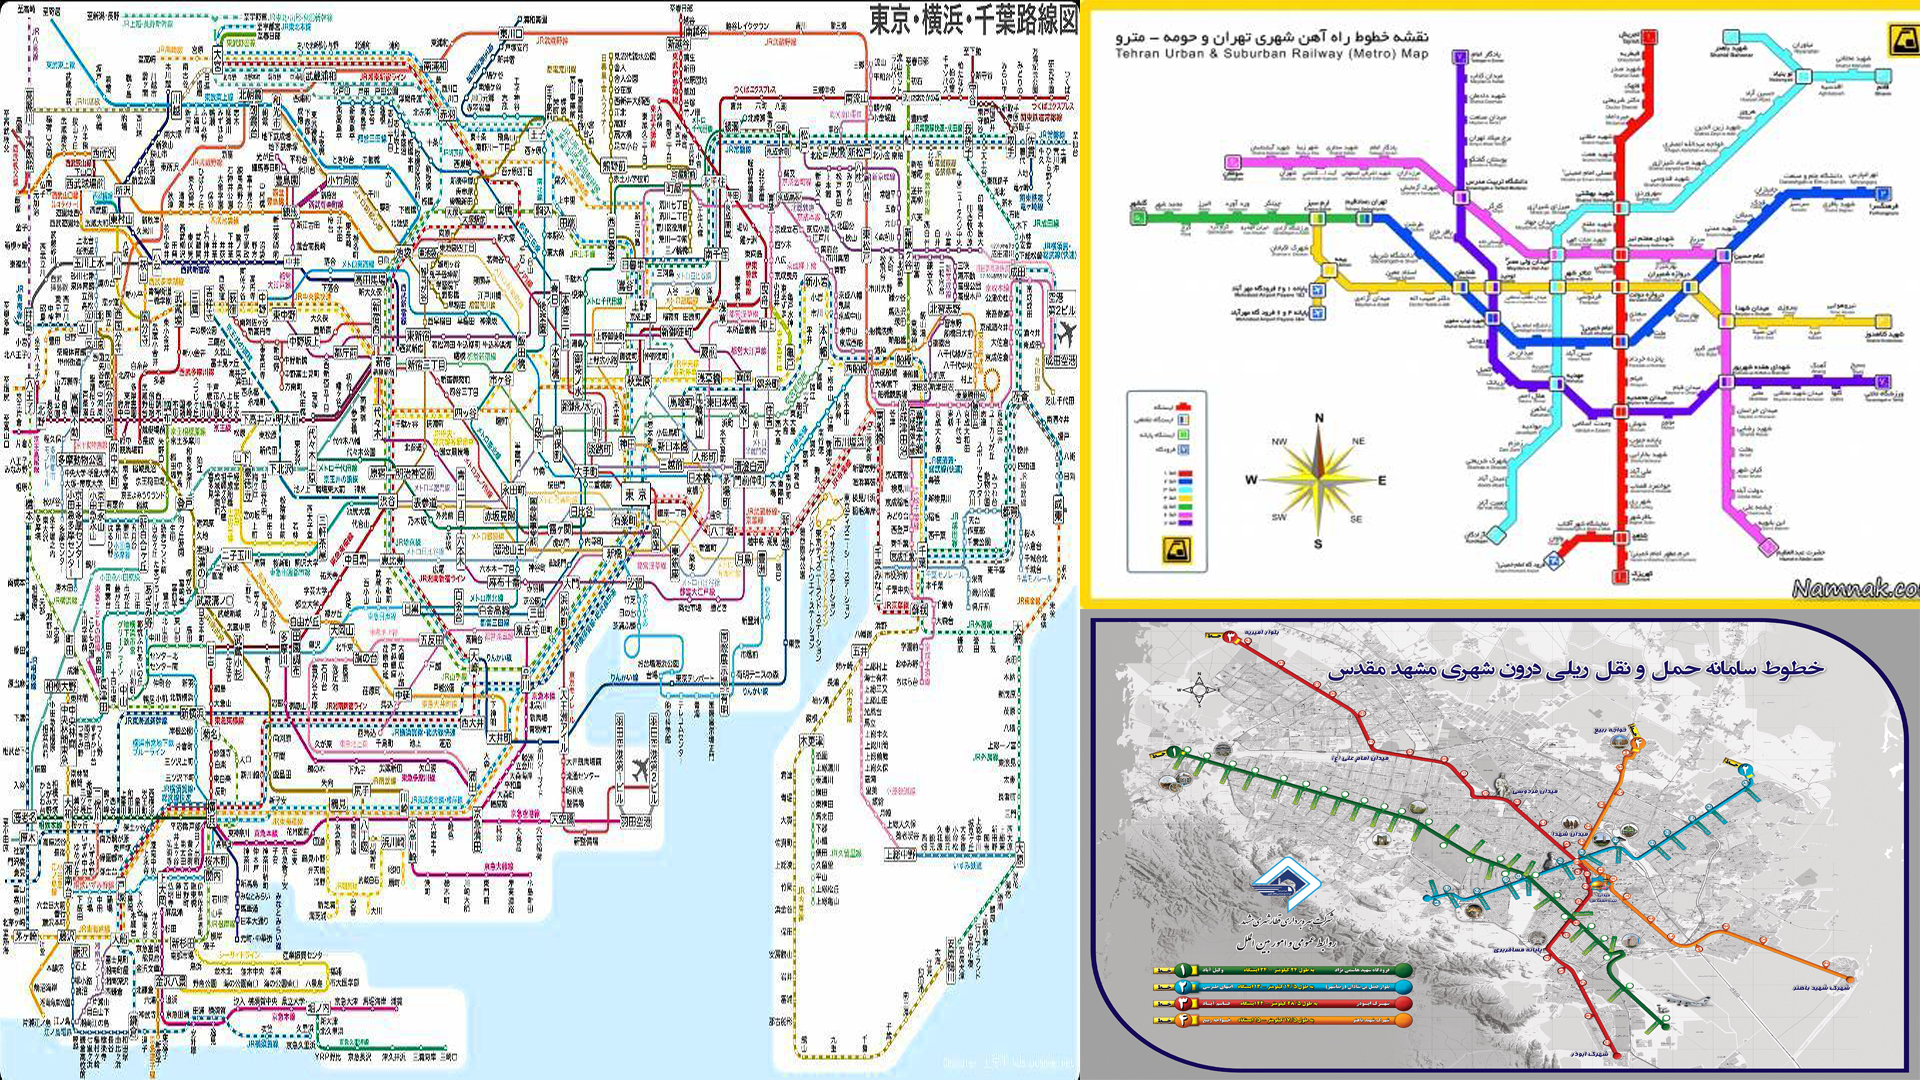 نقشه مترو توکیو در برابر نقشه مترو تهران و مشهد طرفداری